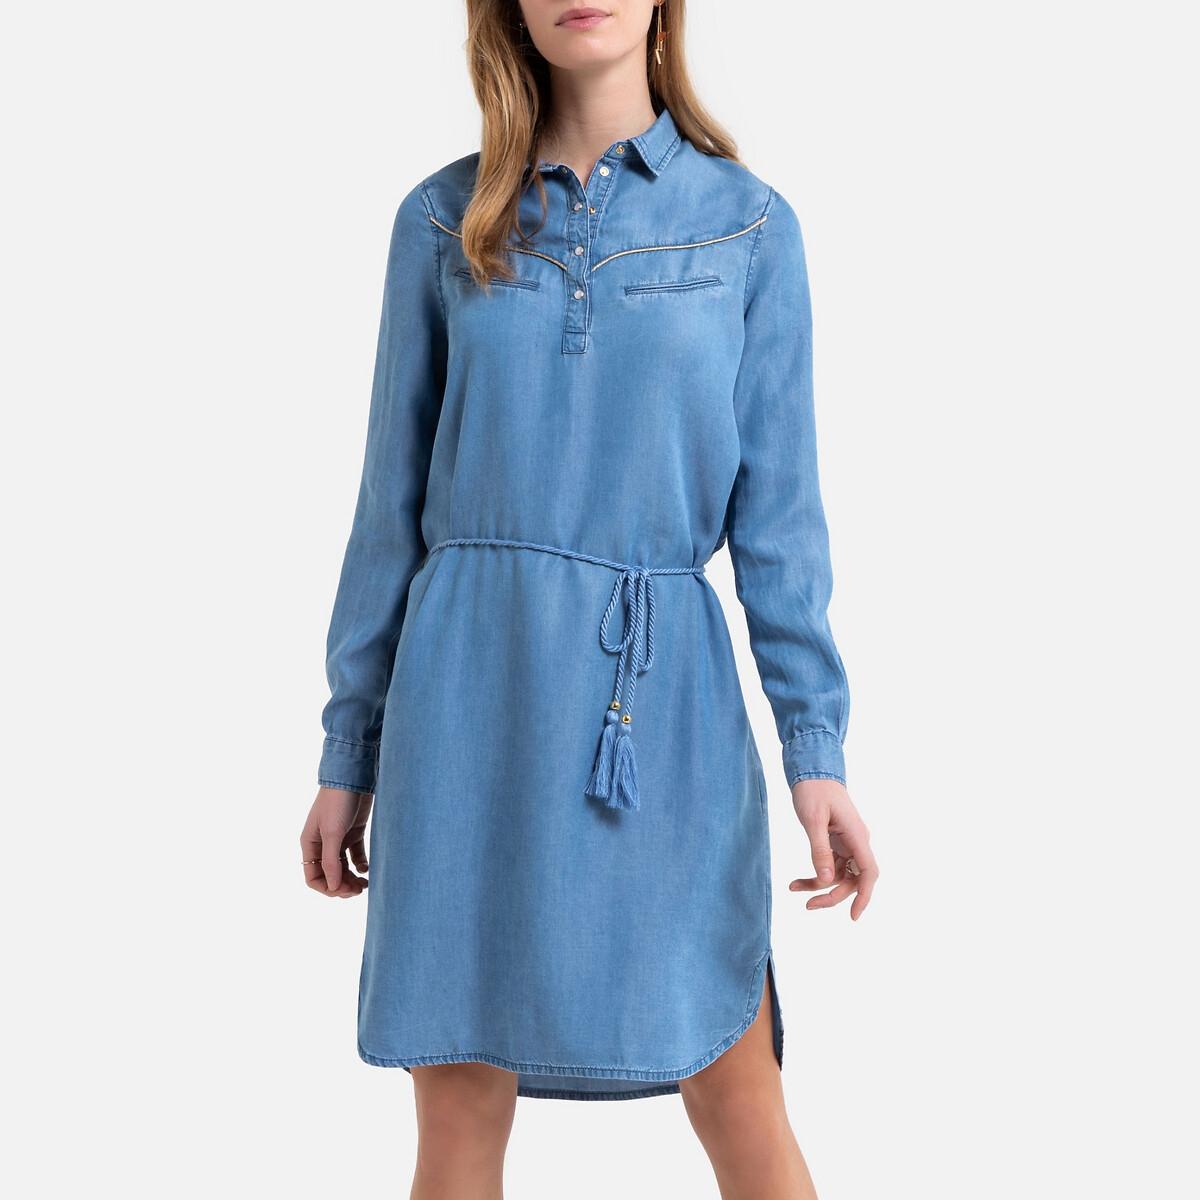 Платье-рубашка La Redoute Джинсовое ремешок с завязками S синий